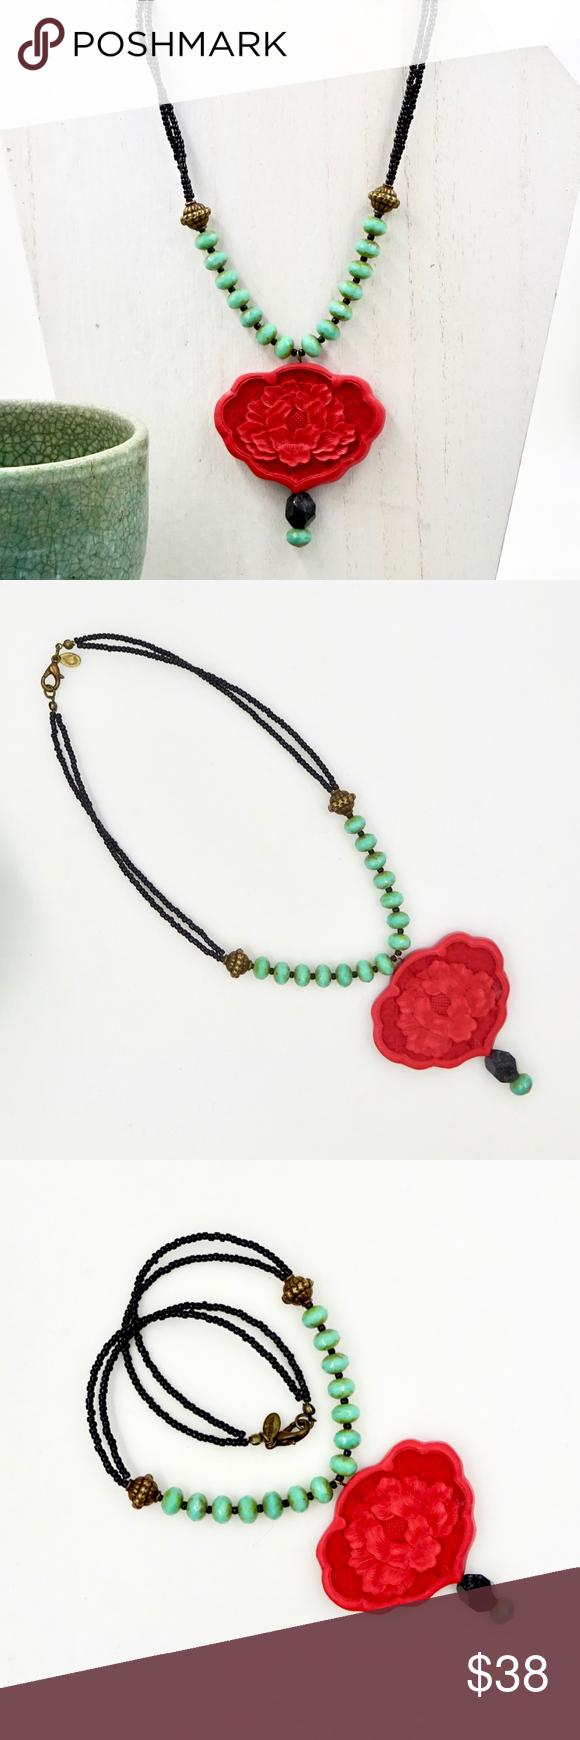 Fashion Jewelry Realistic Two Beaded Bracelets Jewelry & Watches